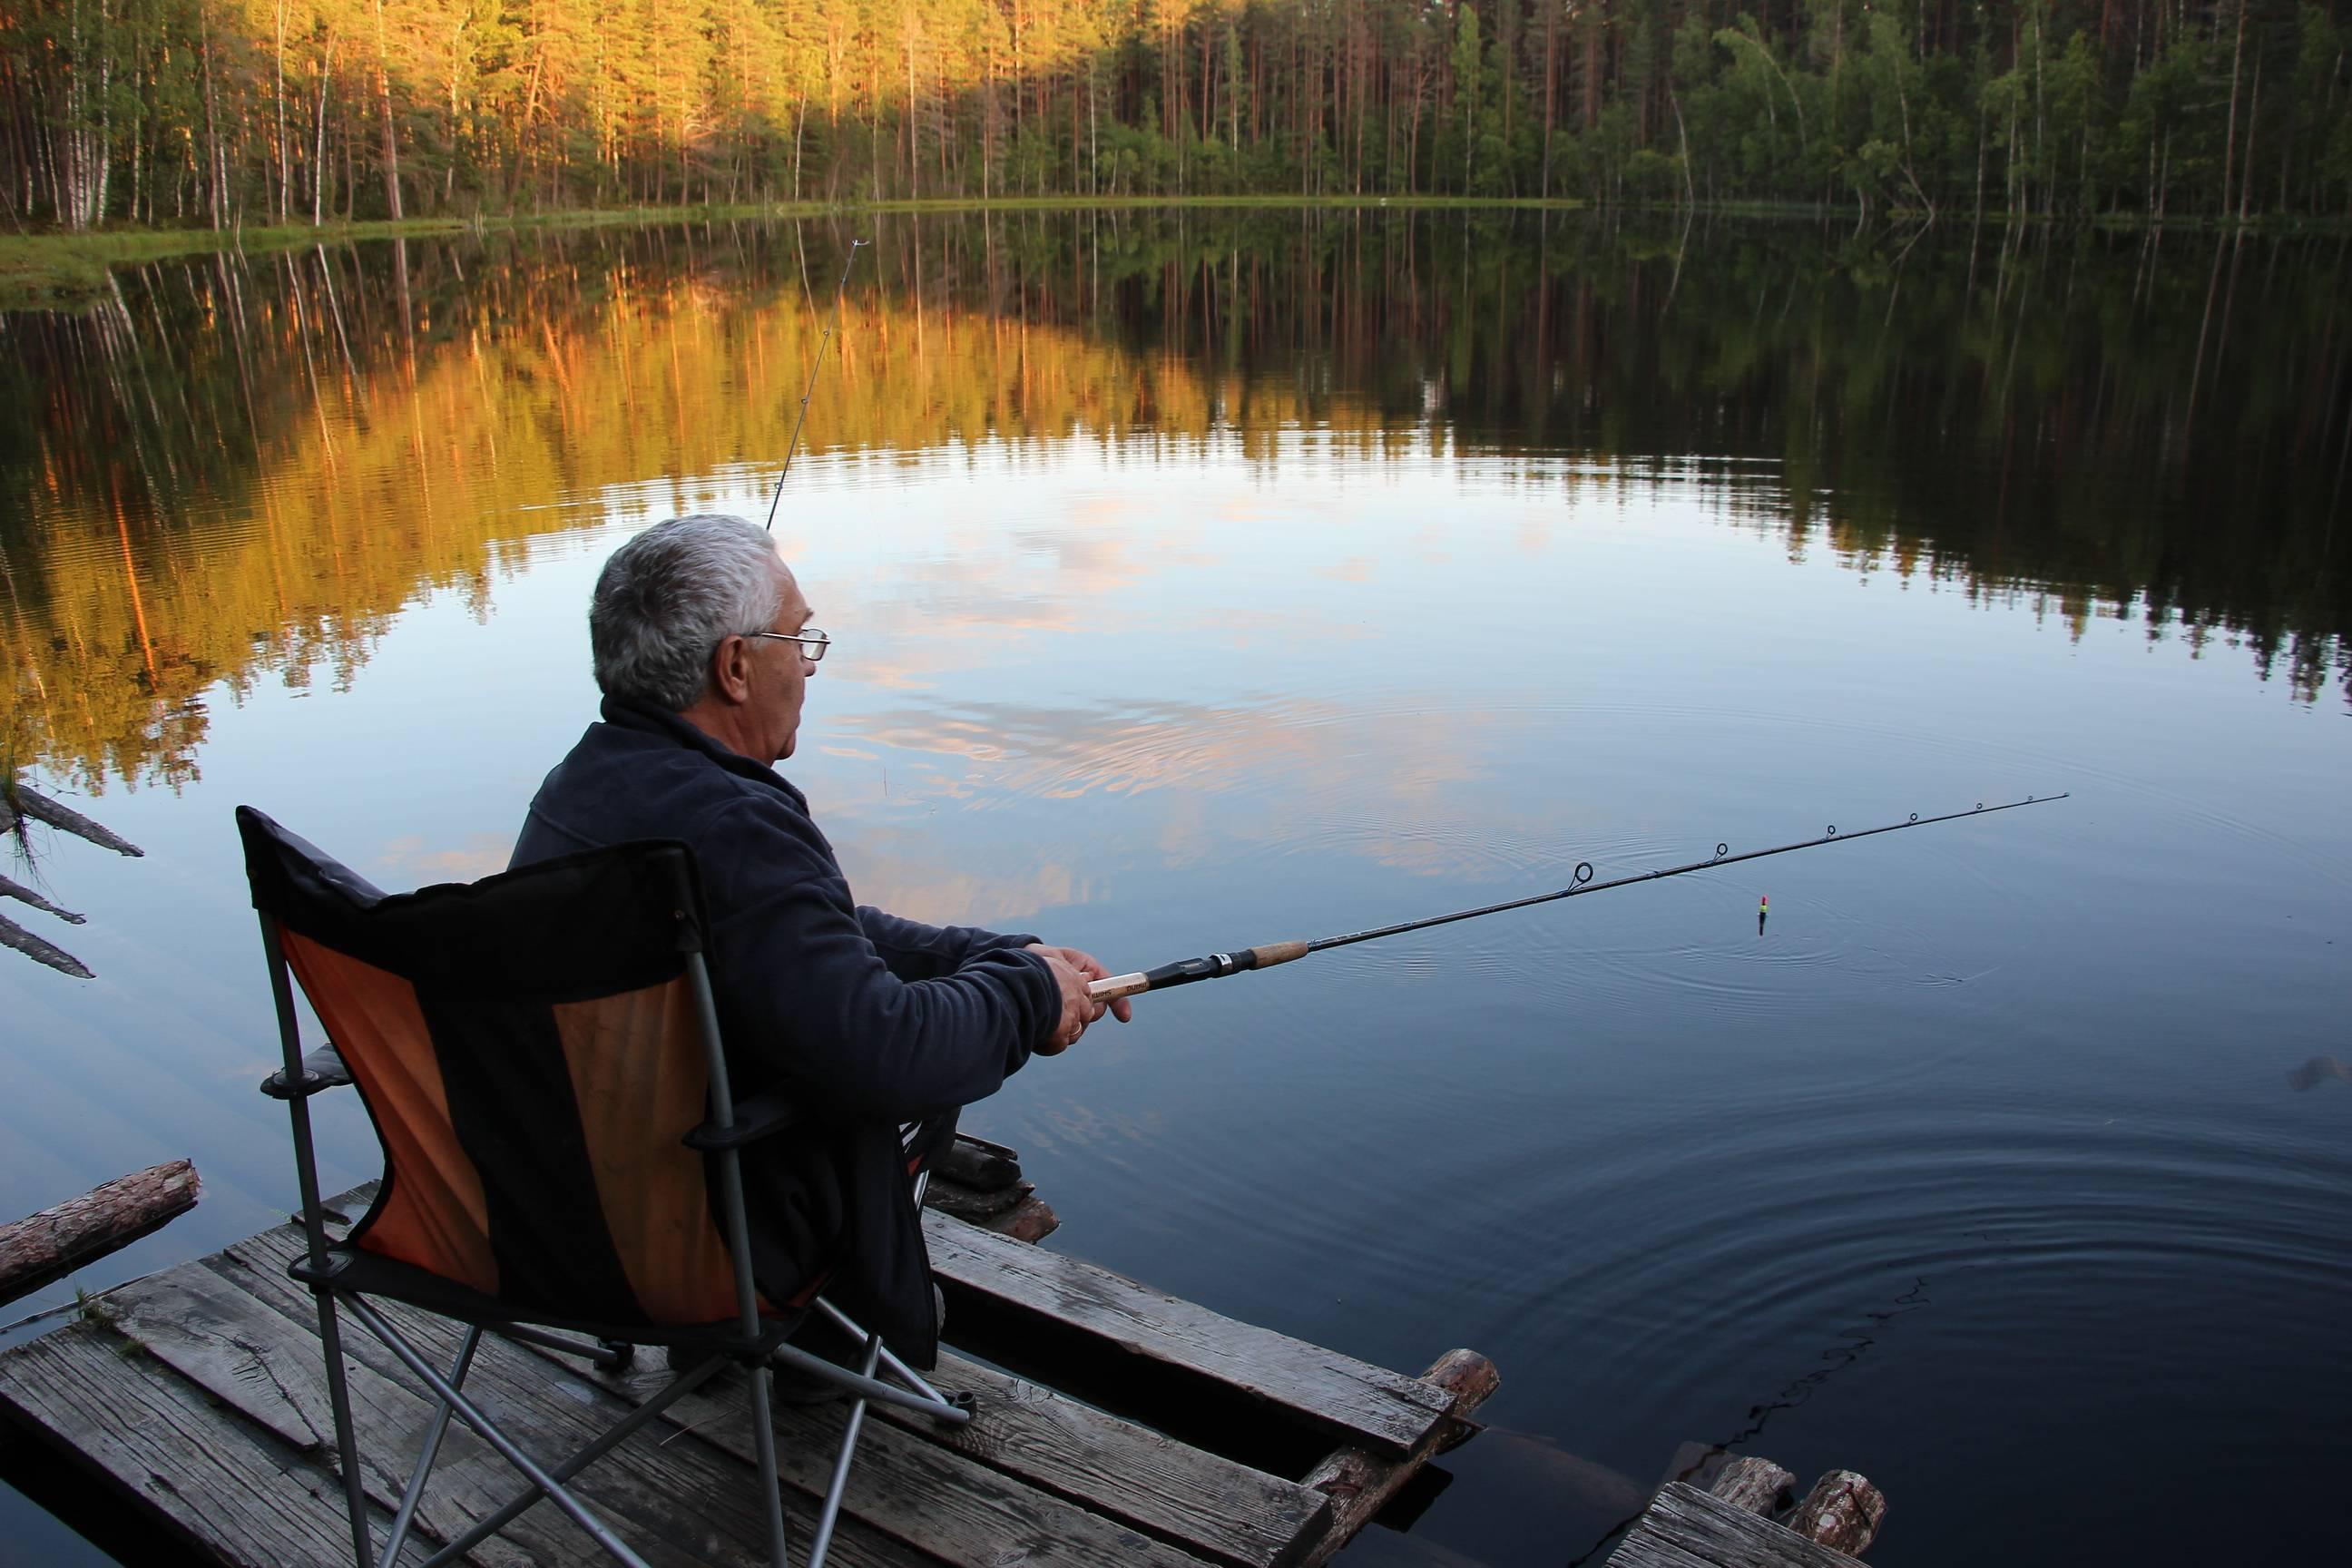 Рыбалка в финляндии зимой и летом, цены и условия рыбалки